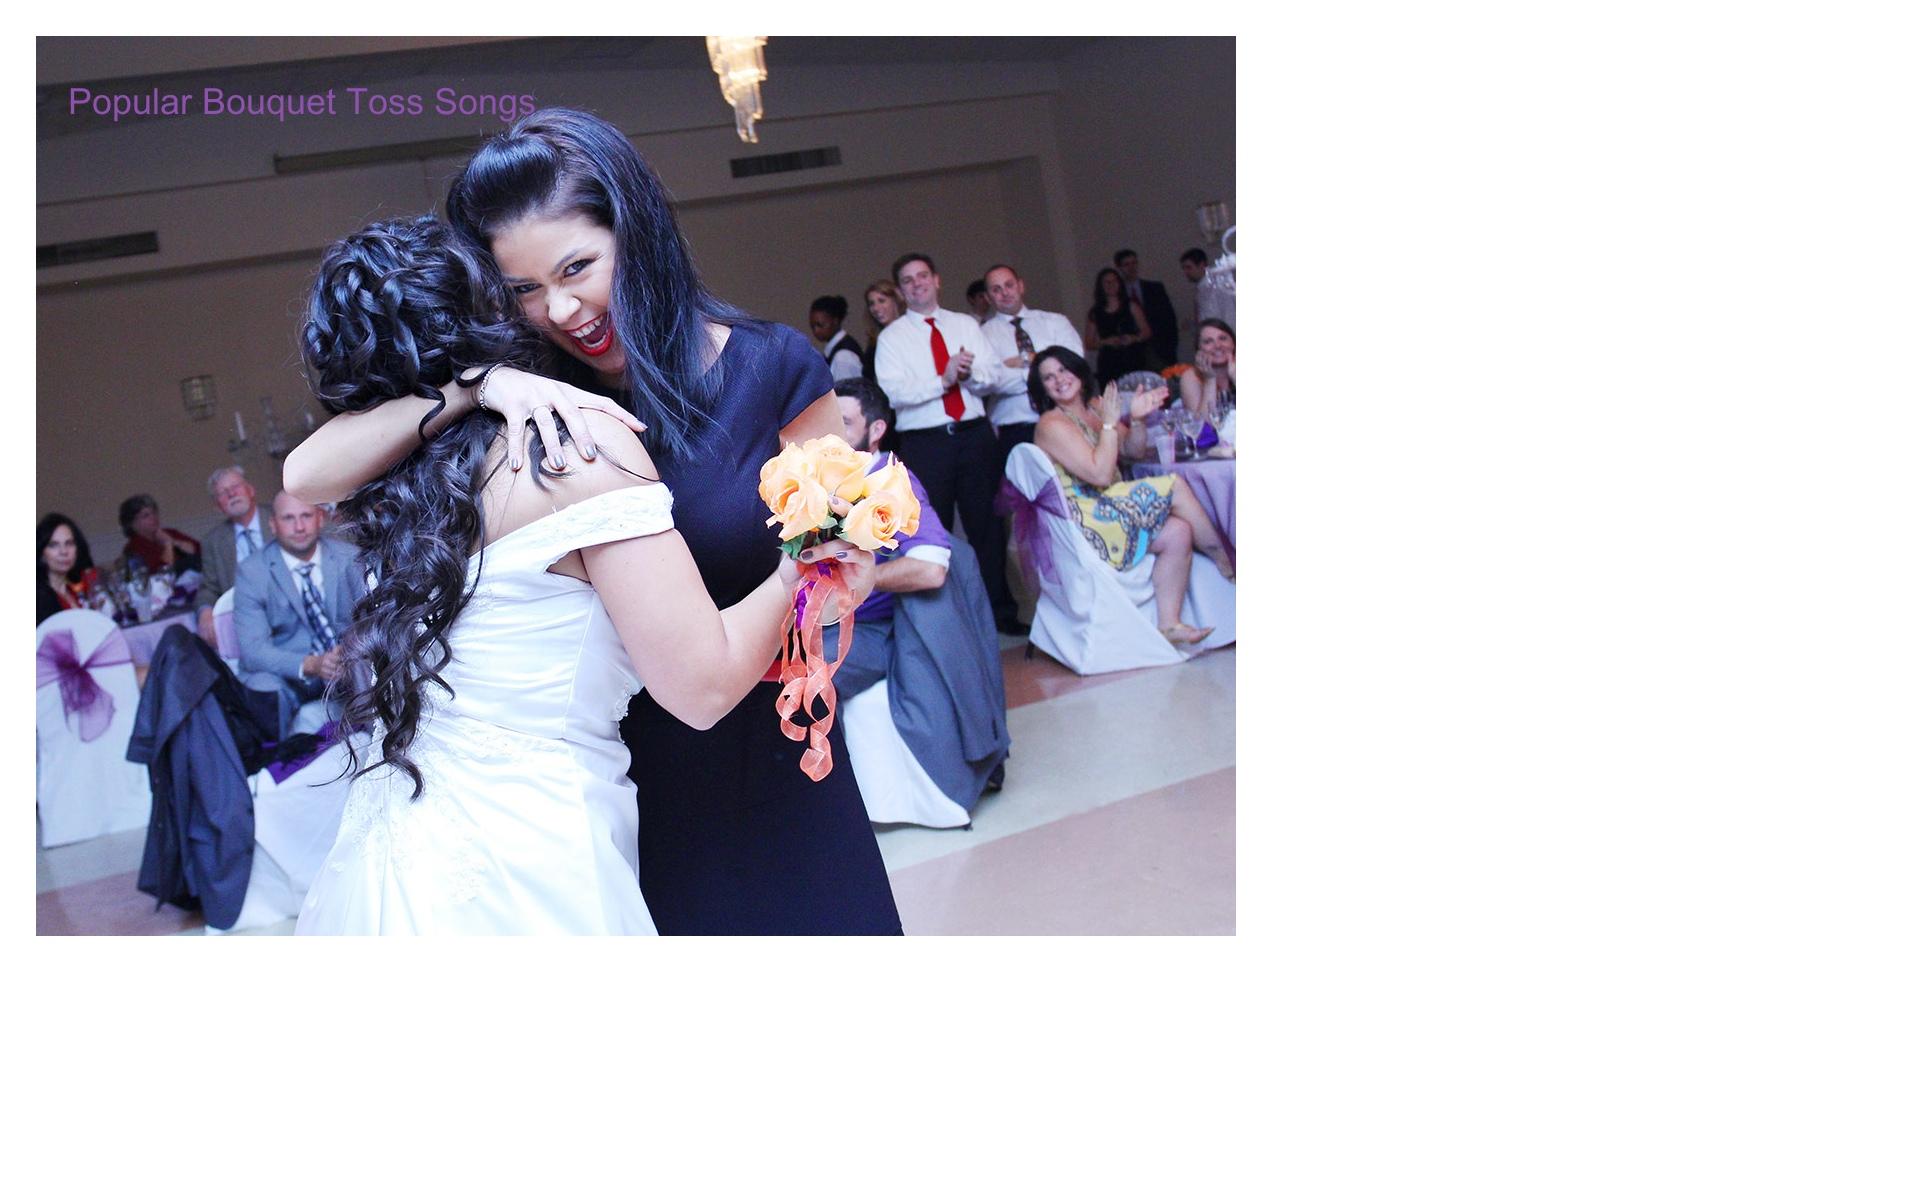 Popular Bouquet Toss Songs - Rhode Island Wedding DJFun ...